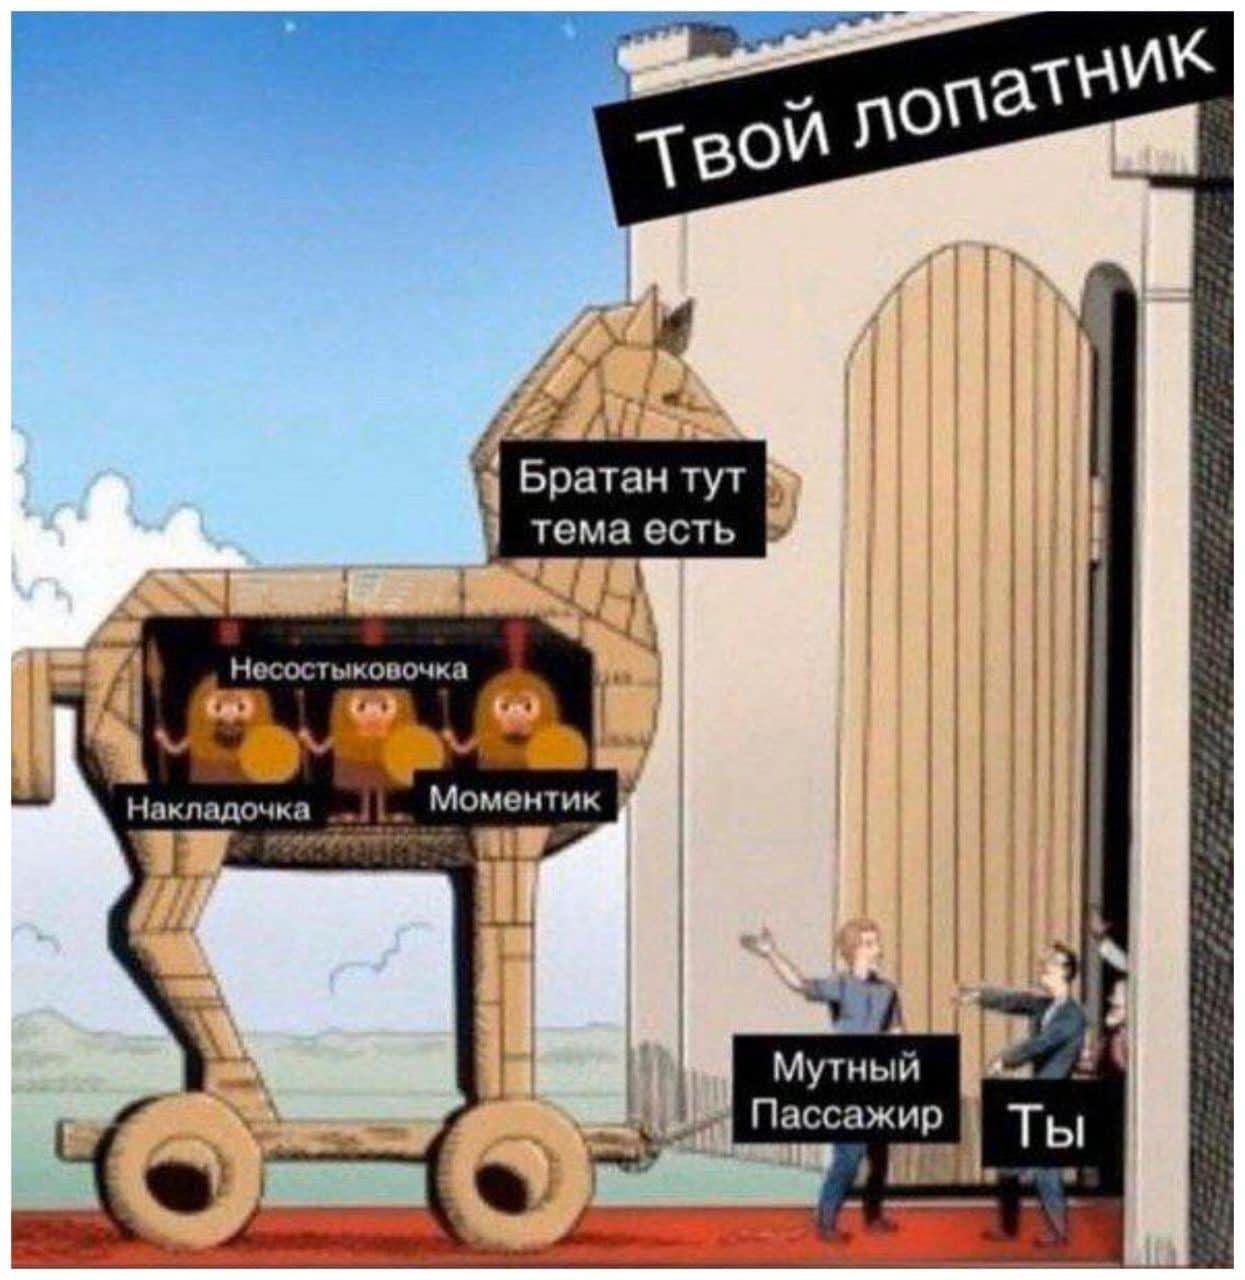 Bigpicture ru vn9nwpkphzm